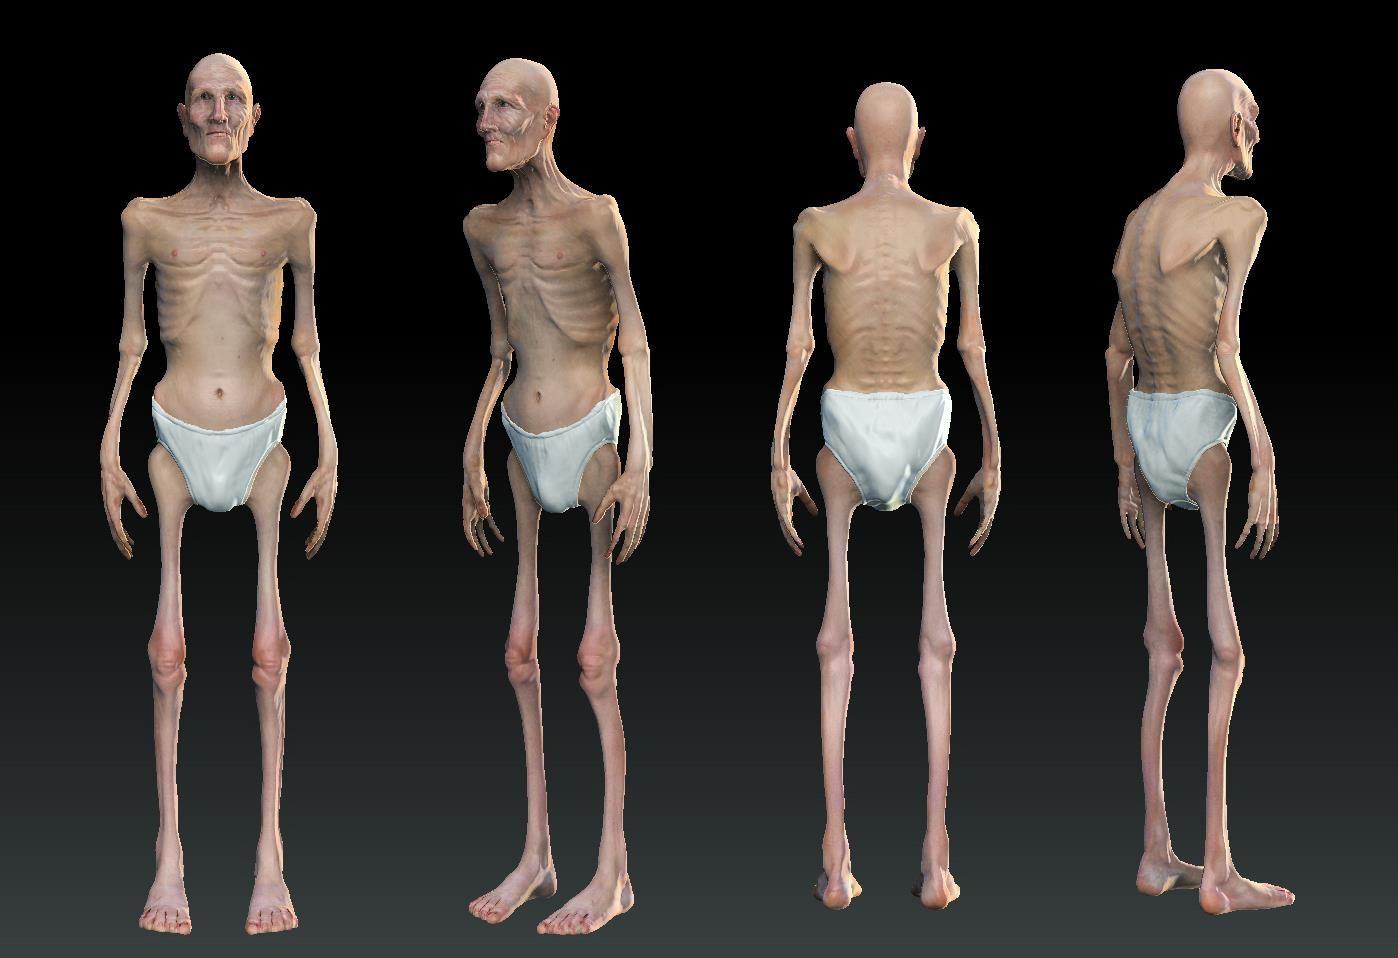 The Old Man | Concept Art | Pinterest | Skinny men, Male skeleton ...